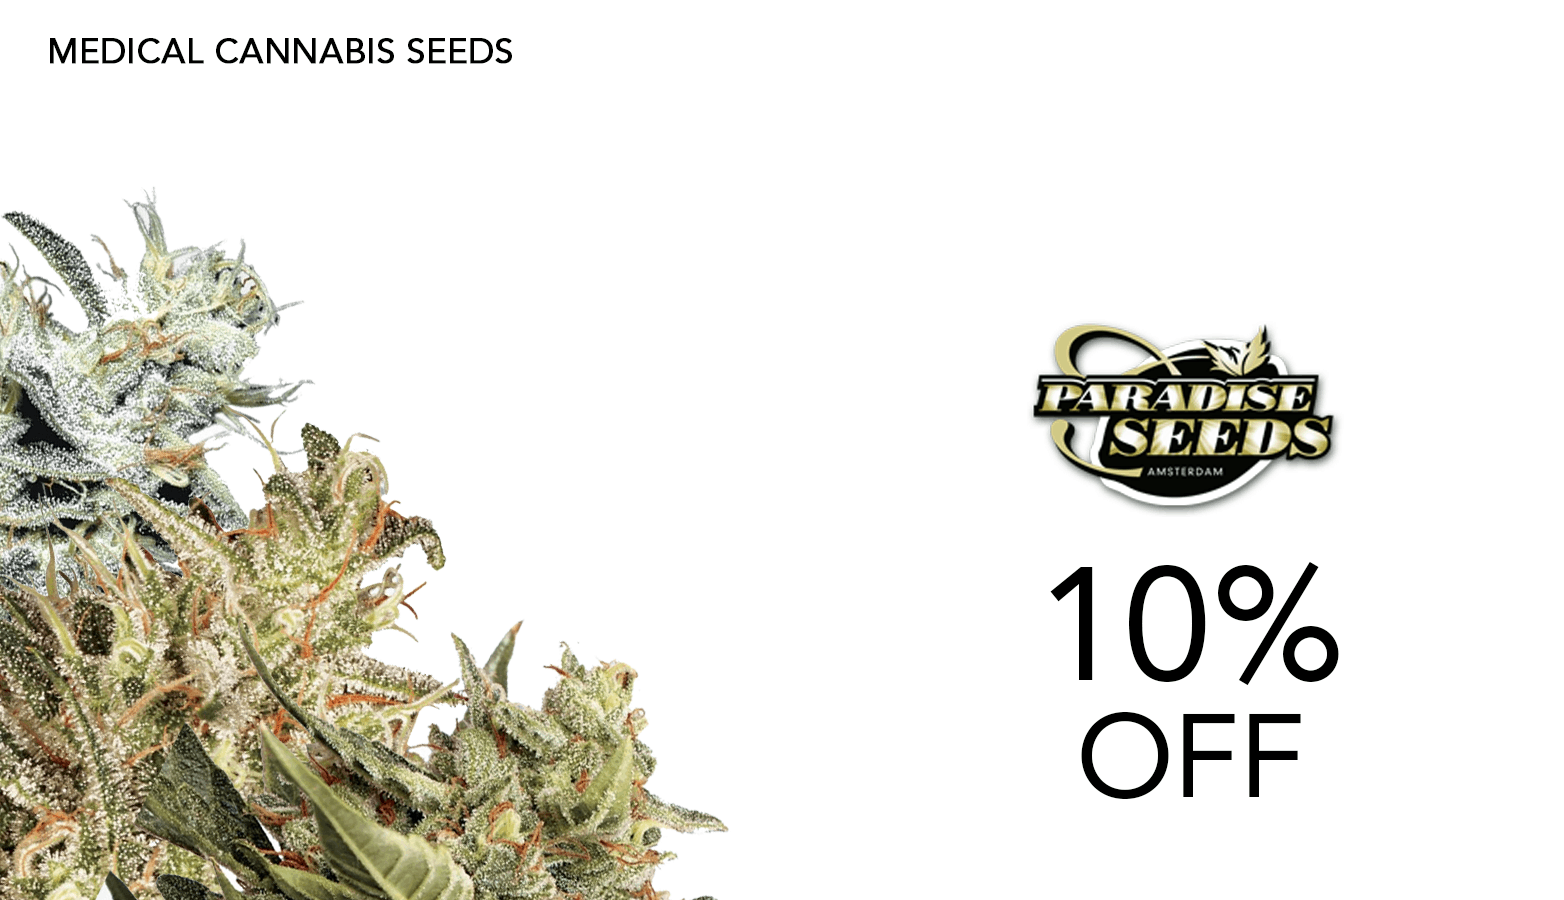 Paradise Seeds CBD Coupon Code Website